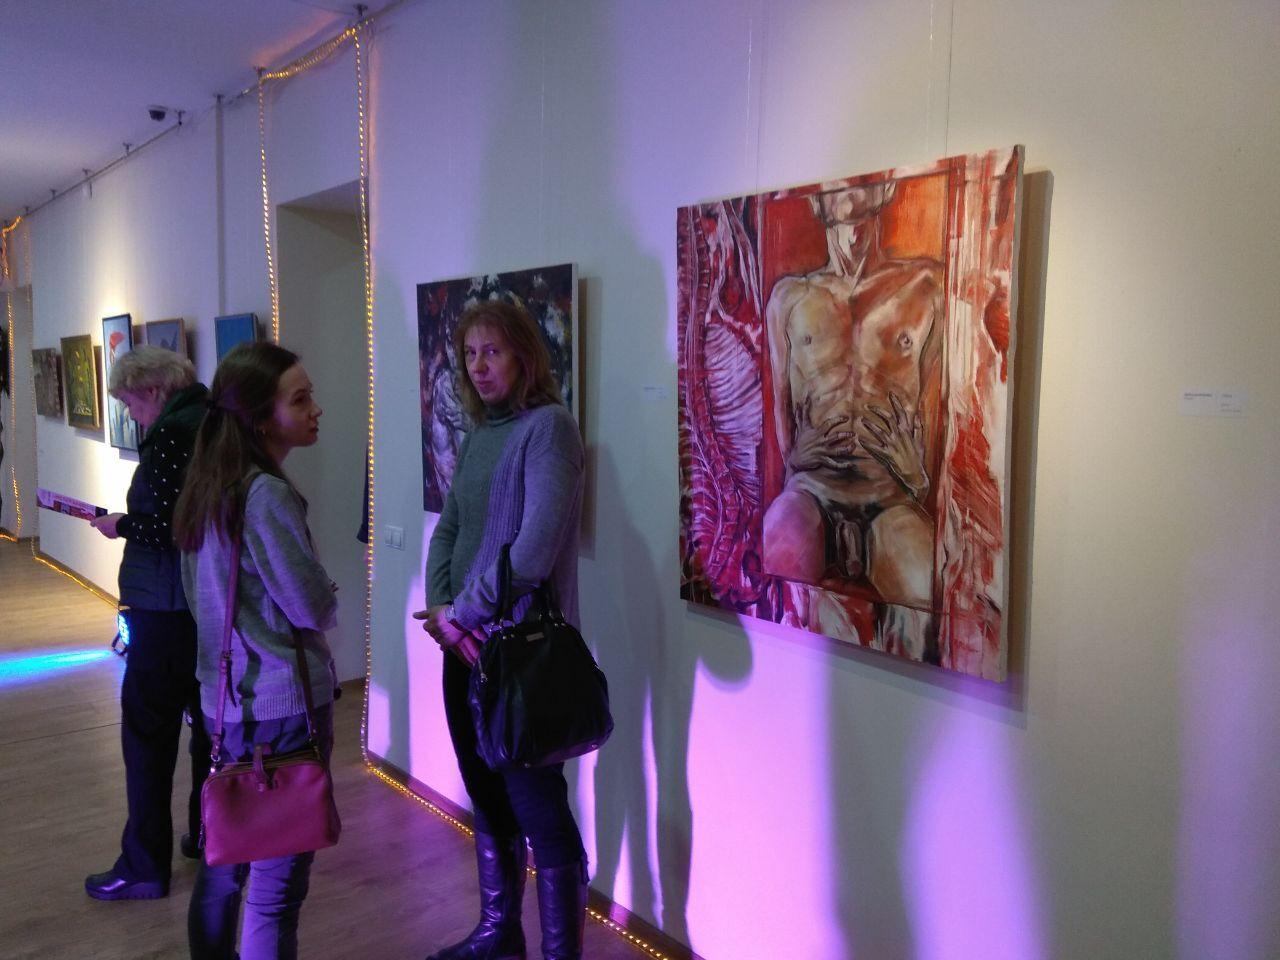 З батогами і сосисками: у Дніпрі відкрився фестиваль сюрреалізму